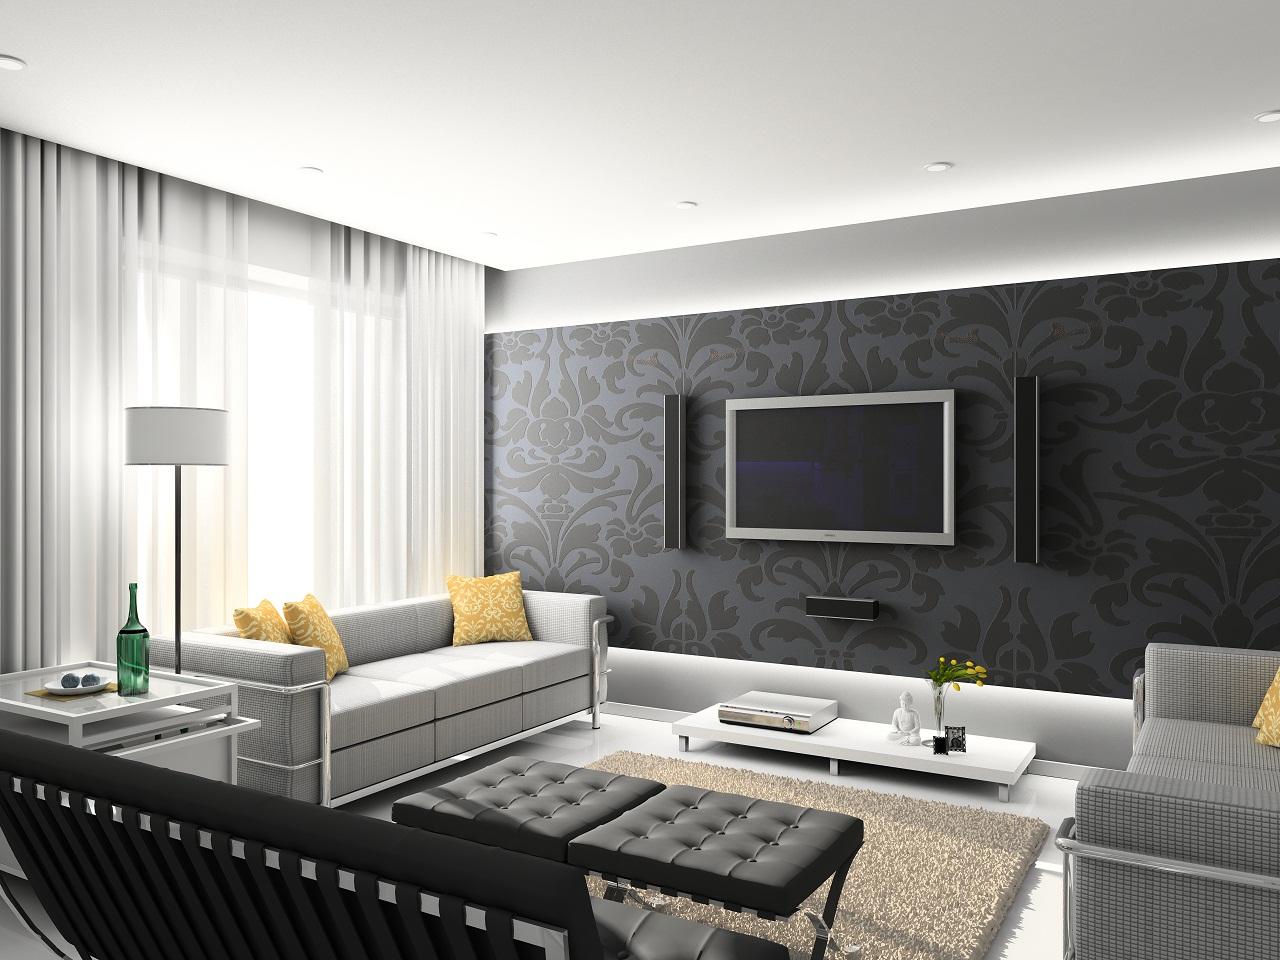 Demikian Yang Dapat Kami Tentang Beberapa Ide Desain Interior Untuk Rumah Minimalis Modern